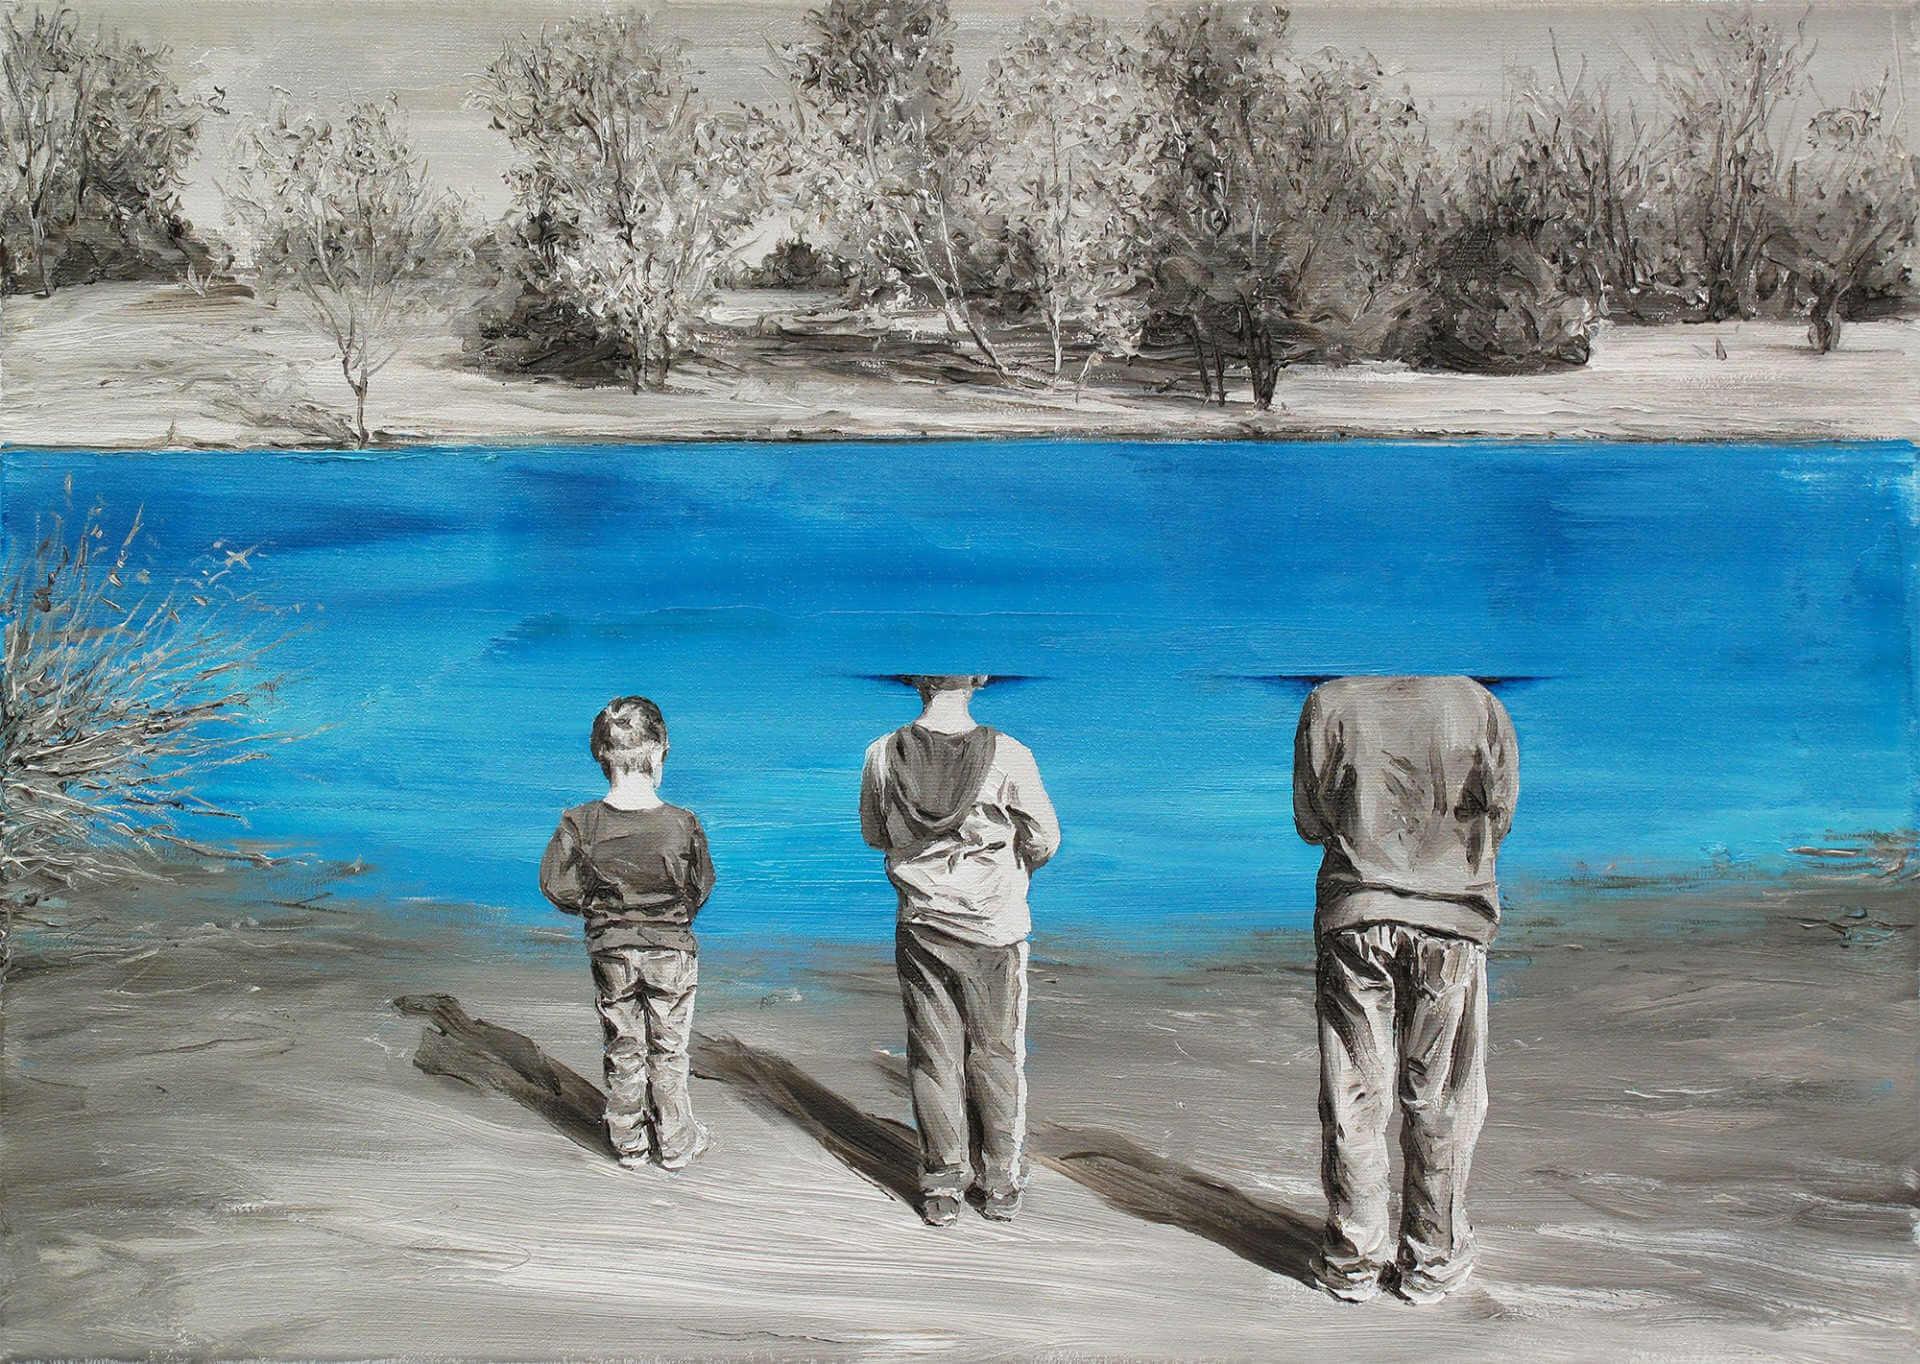 Cuadro de Paco Pomet de niños en un estanque con la cabeza dentro del agua